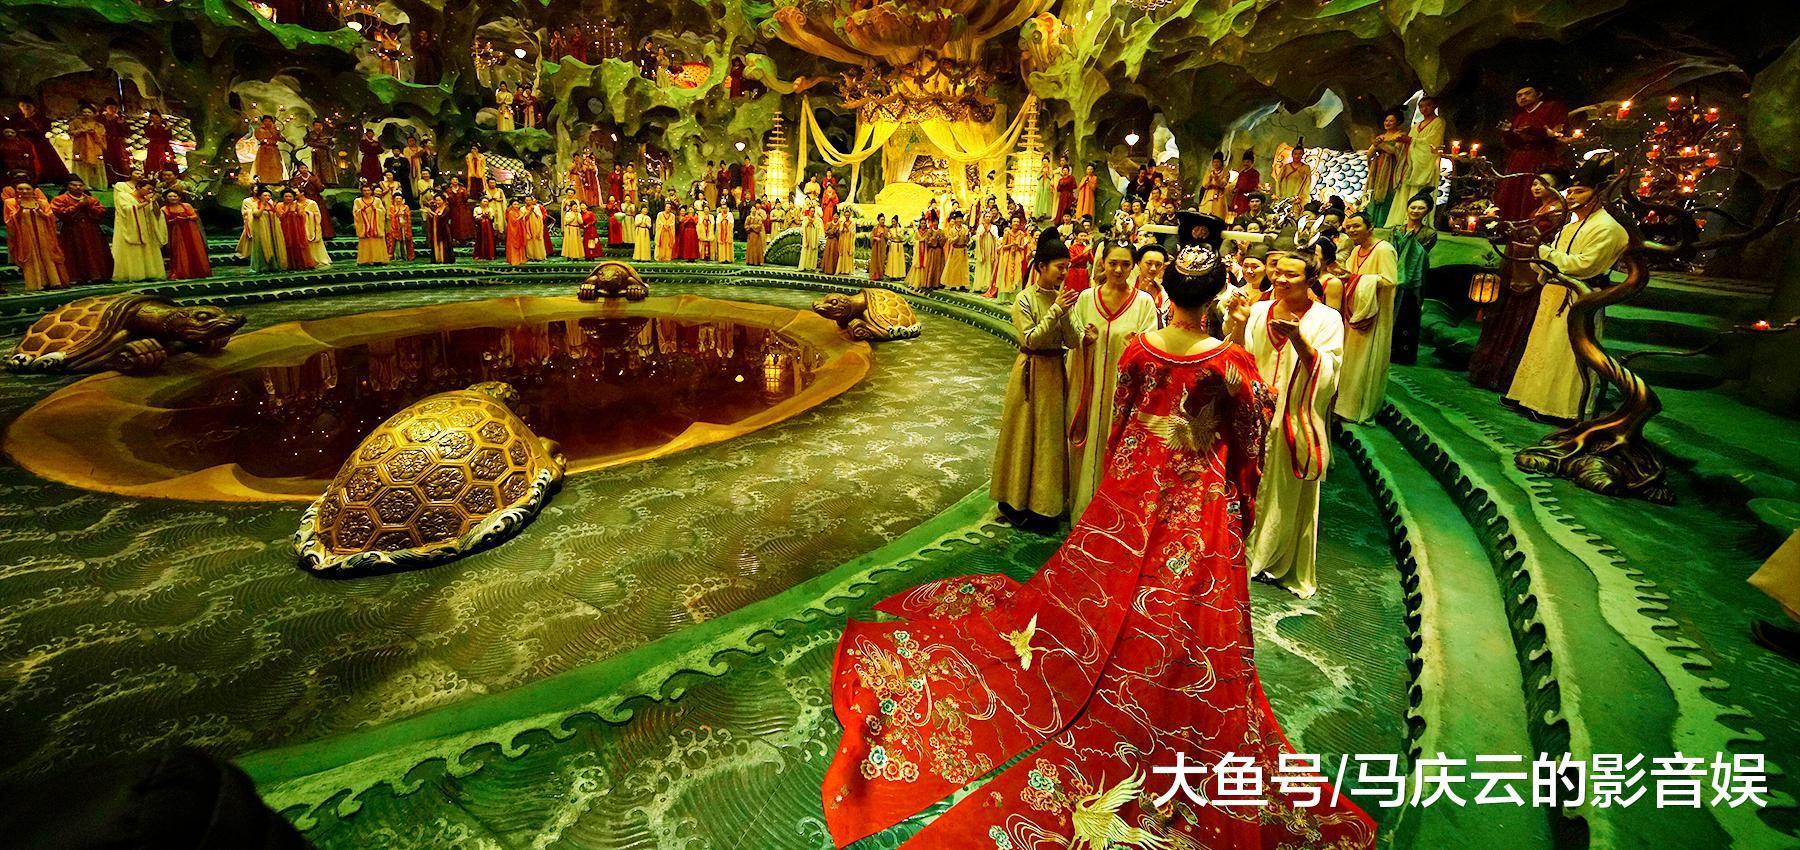 《狄仁杰3》遭遇第一波差评, 刘嘉玲的唐装被讽好像巩俐的黄金甲